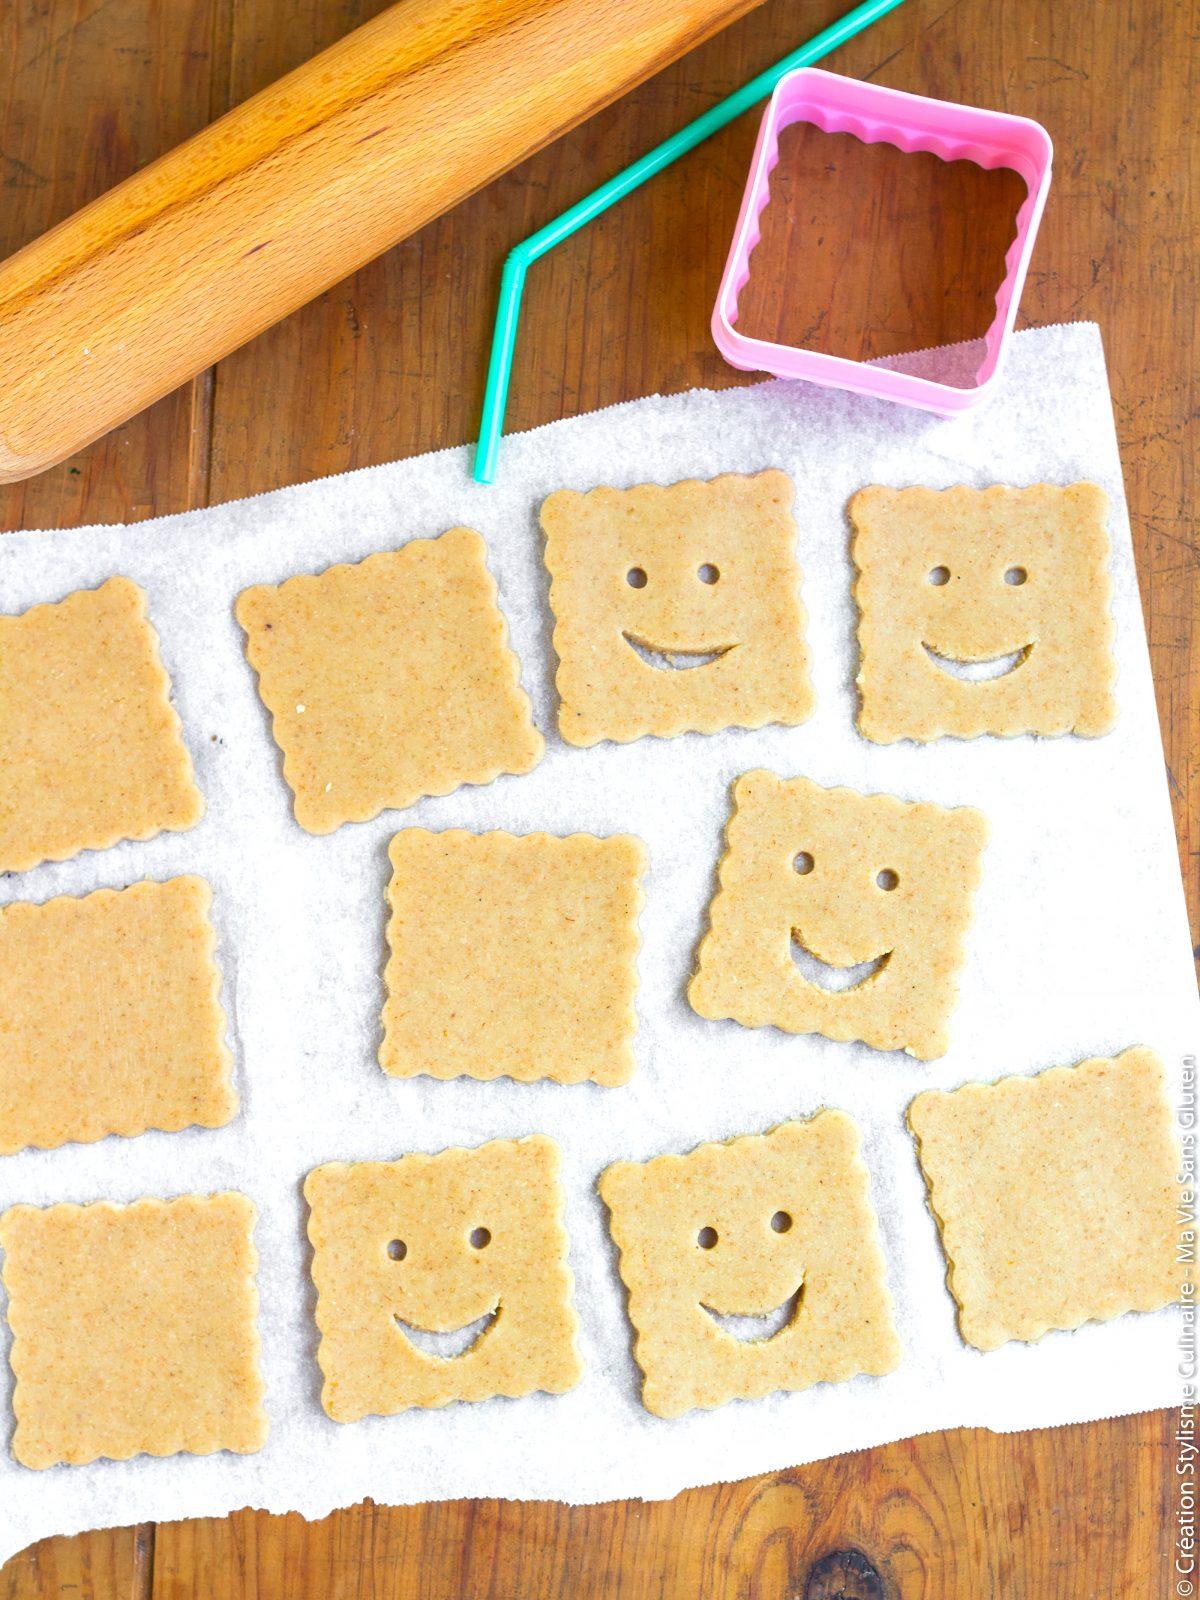 Découpe des biscuits fourrés sans gluten